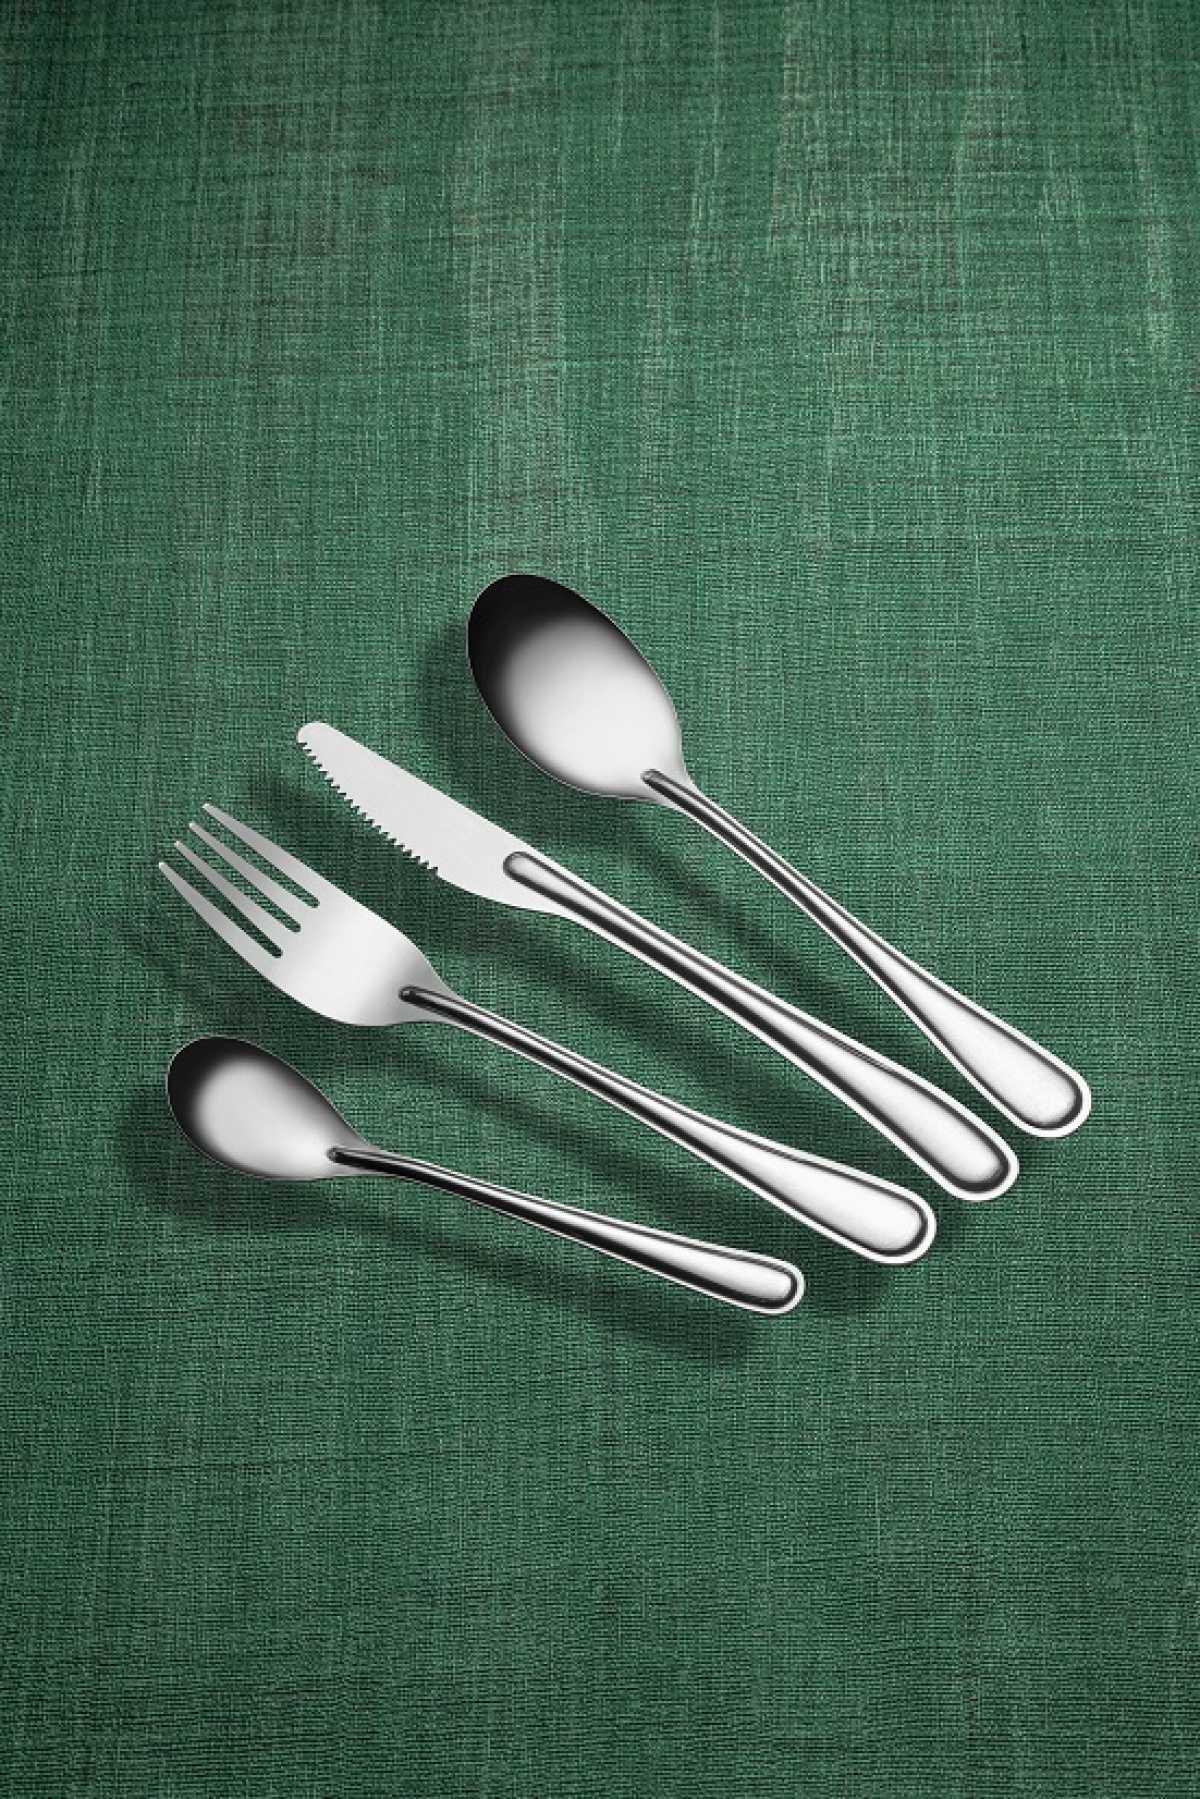 SOLA Tek Kullanımlık Yıkanabilir Paslanmaz Çelik Çatal, Kaşık ve Bıçak Takımları